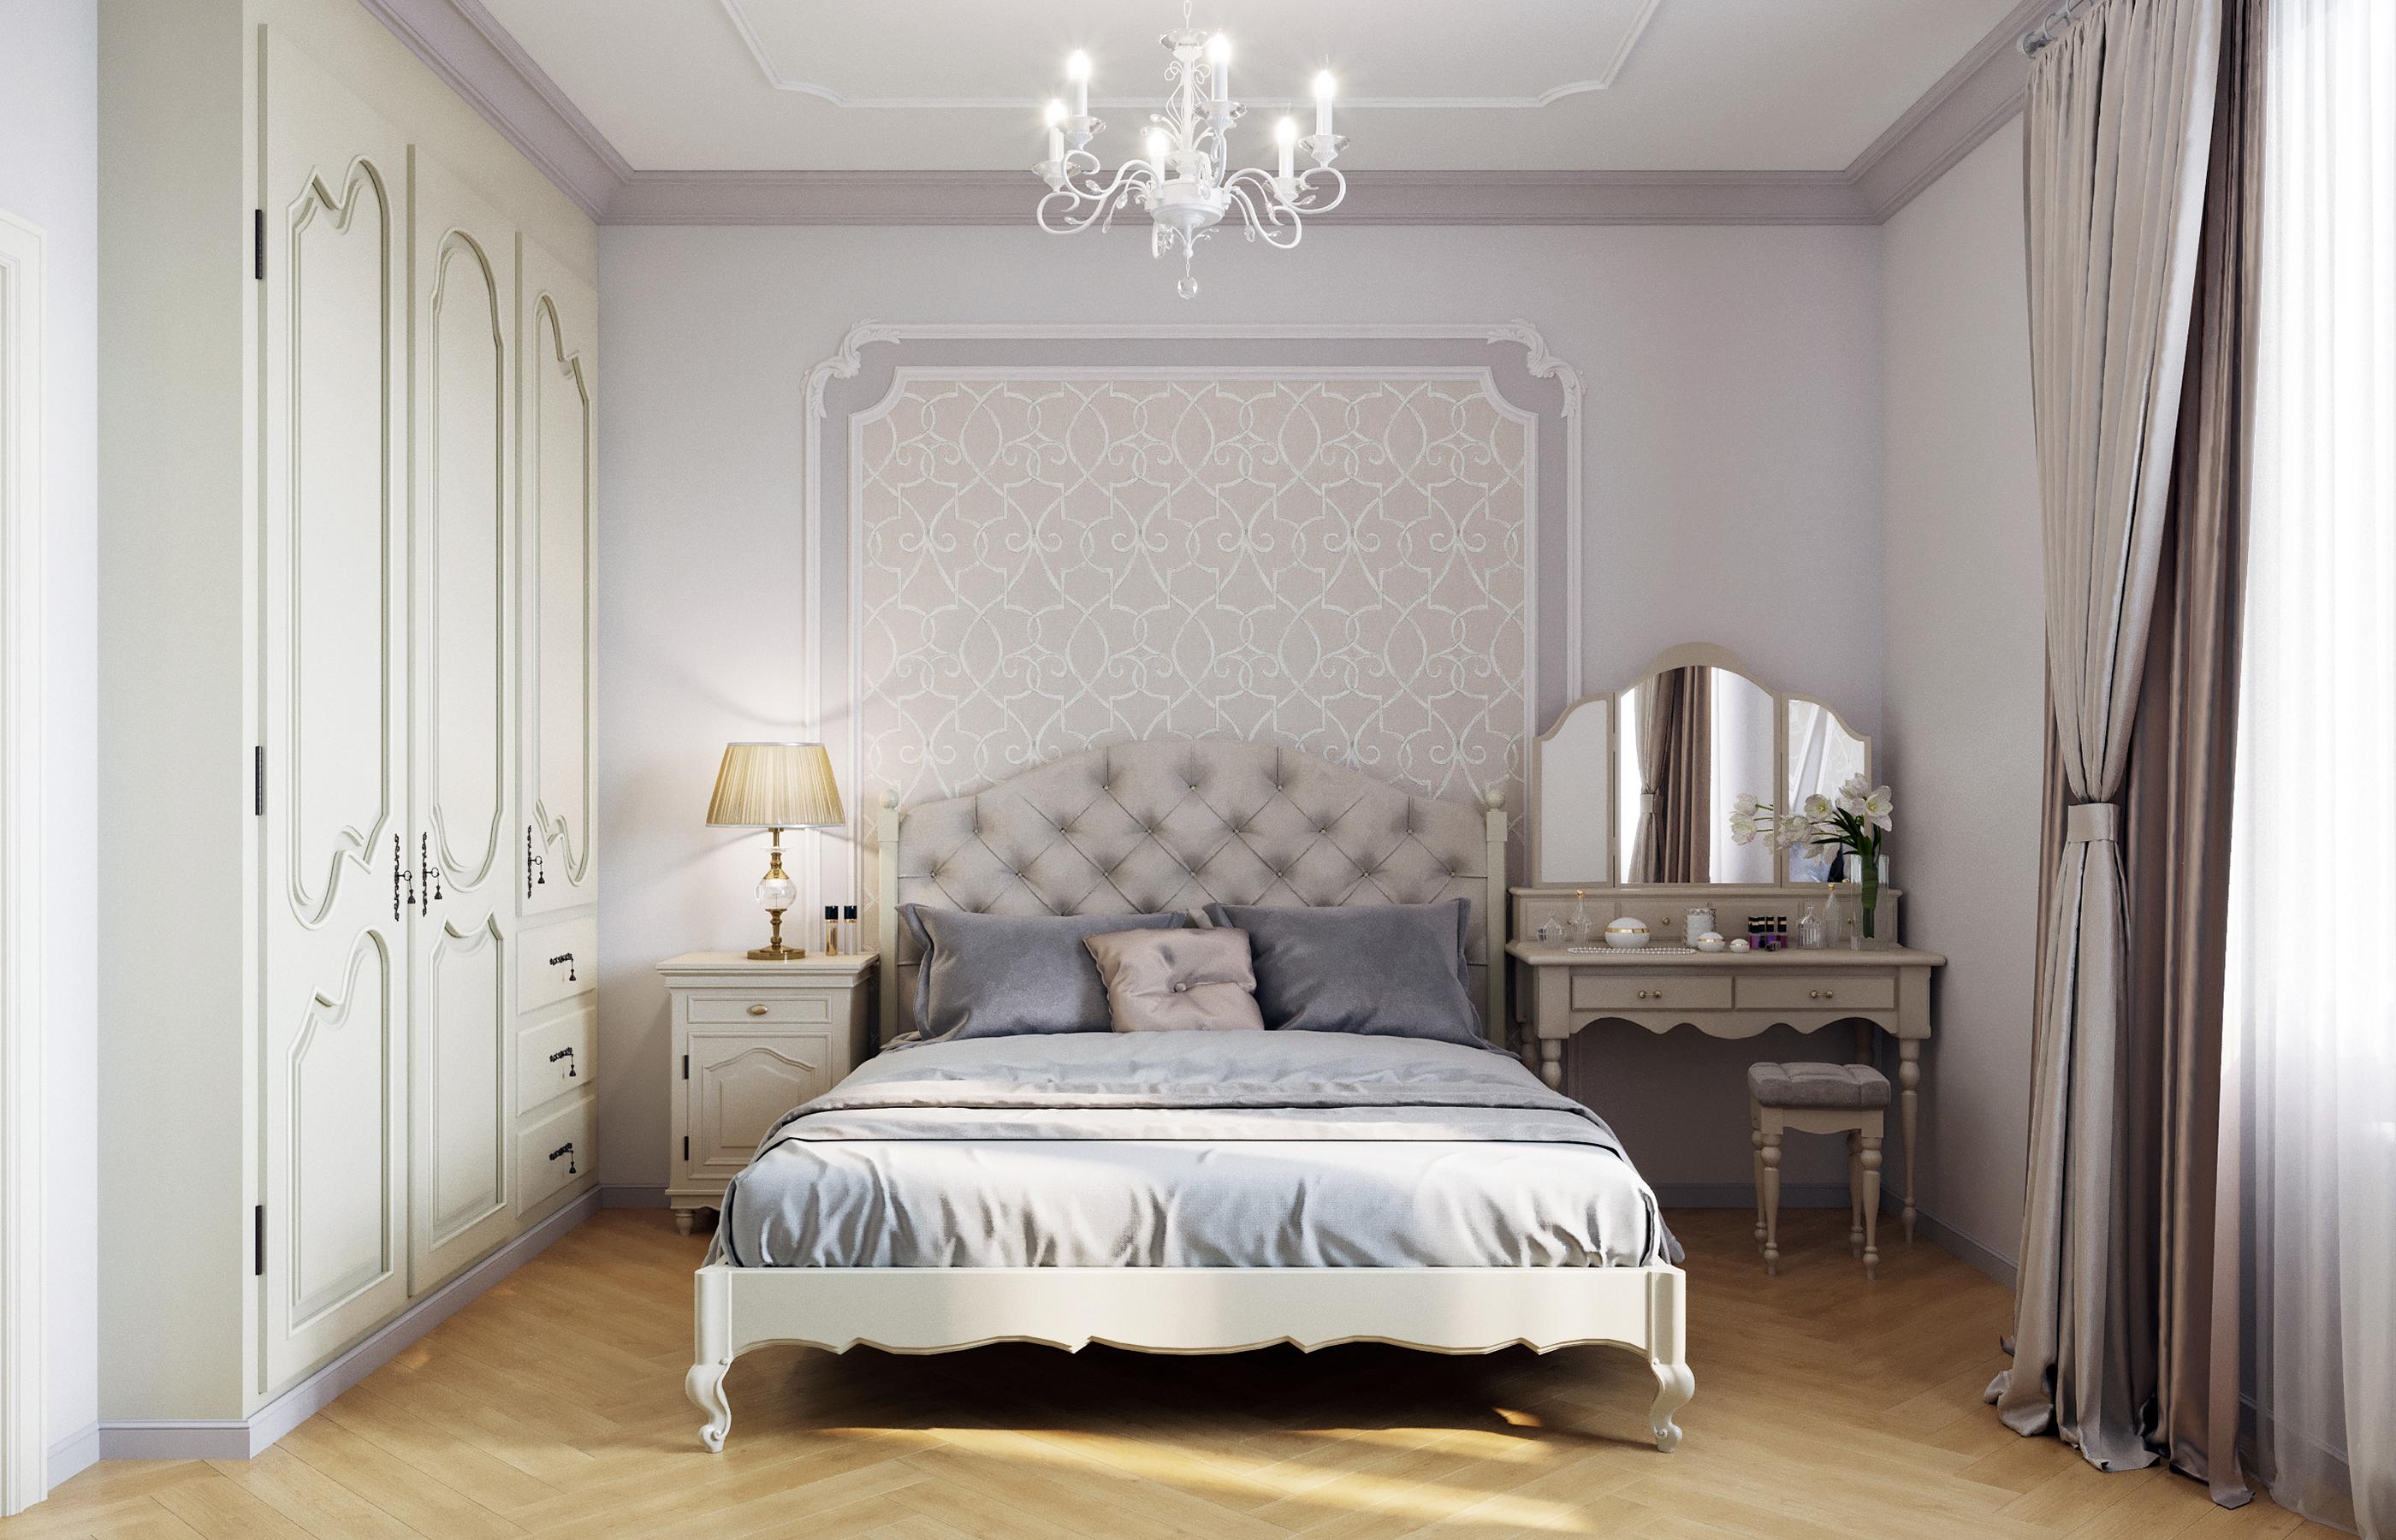 Дизайн интерьера гостевой спальни в стиле неоклассики